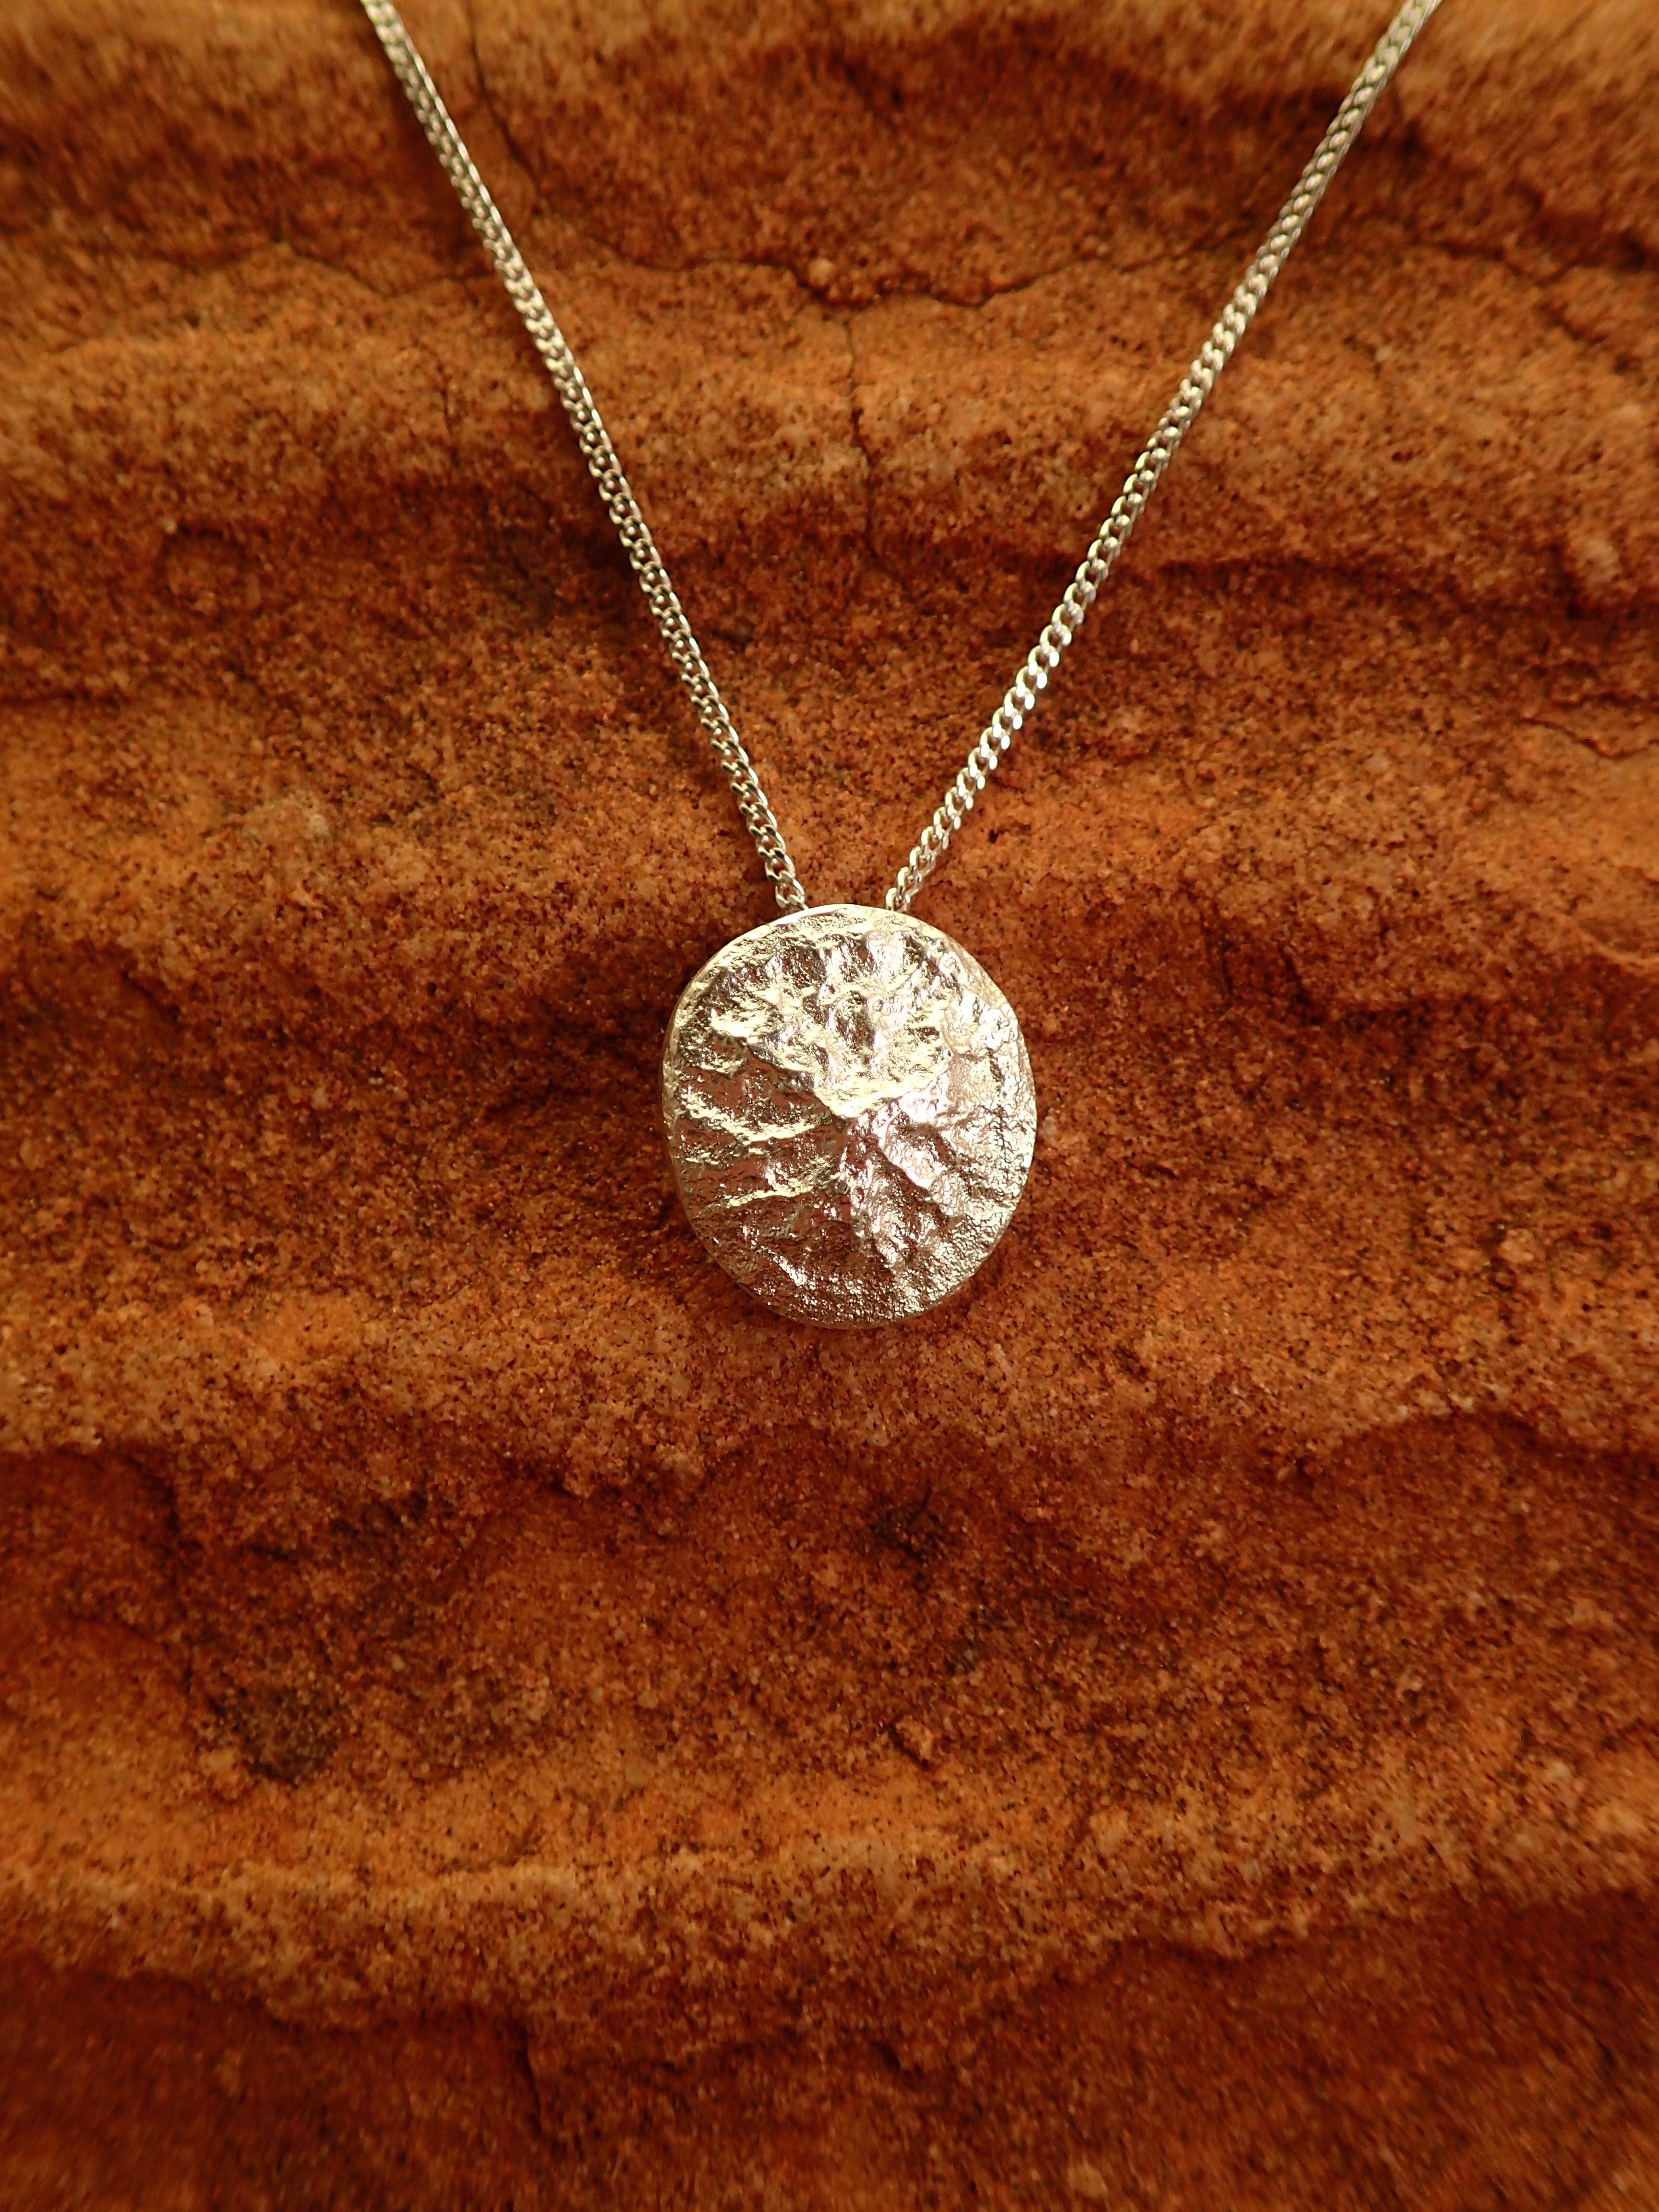 Silver Rugo pendant